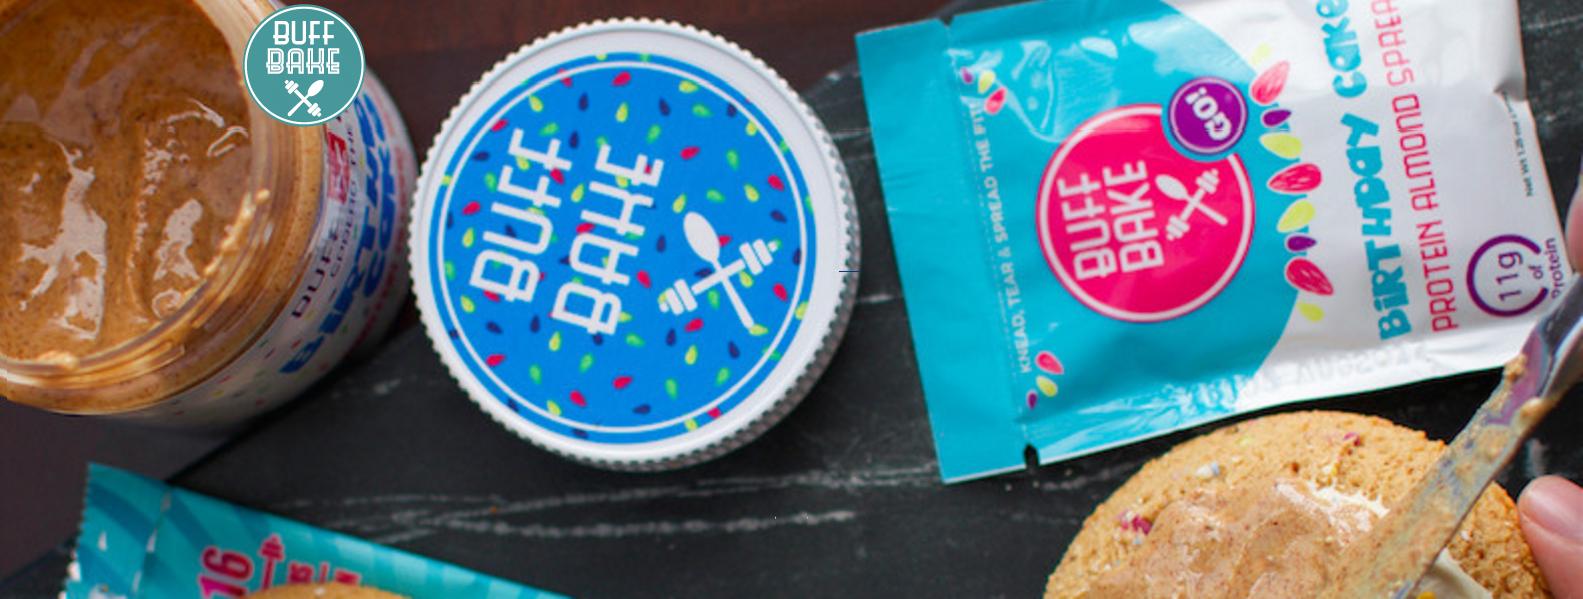 Proteinowe masło migdałowe Buff Bake Birthday Cake